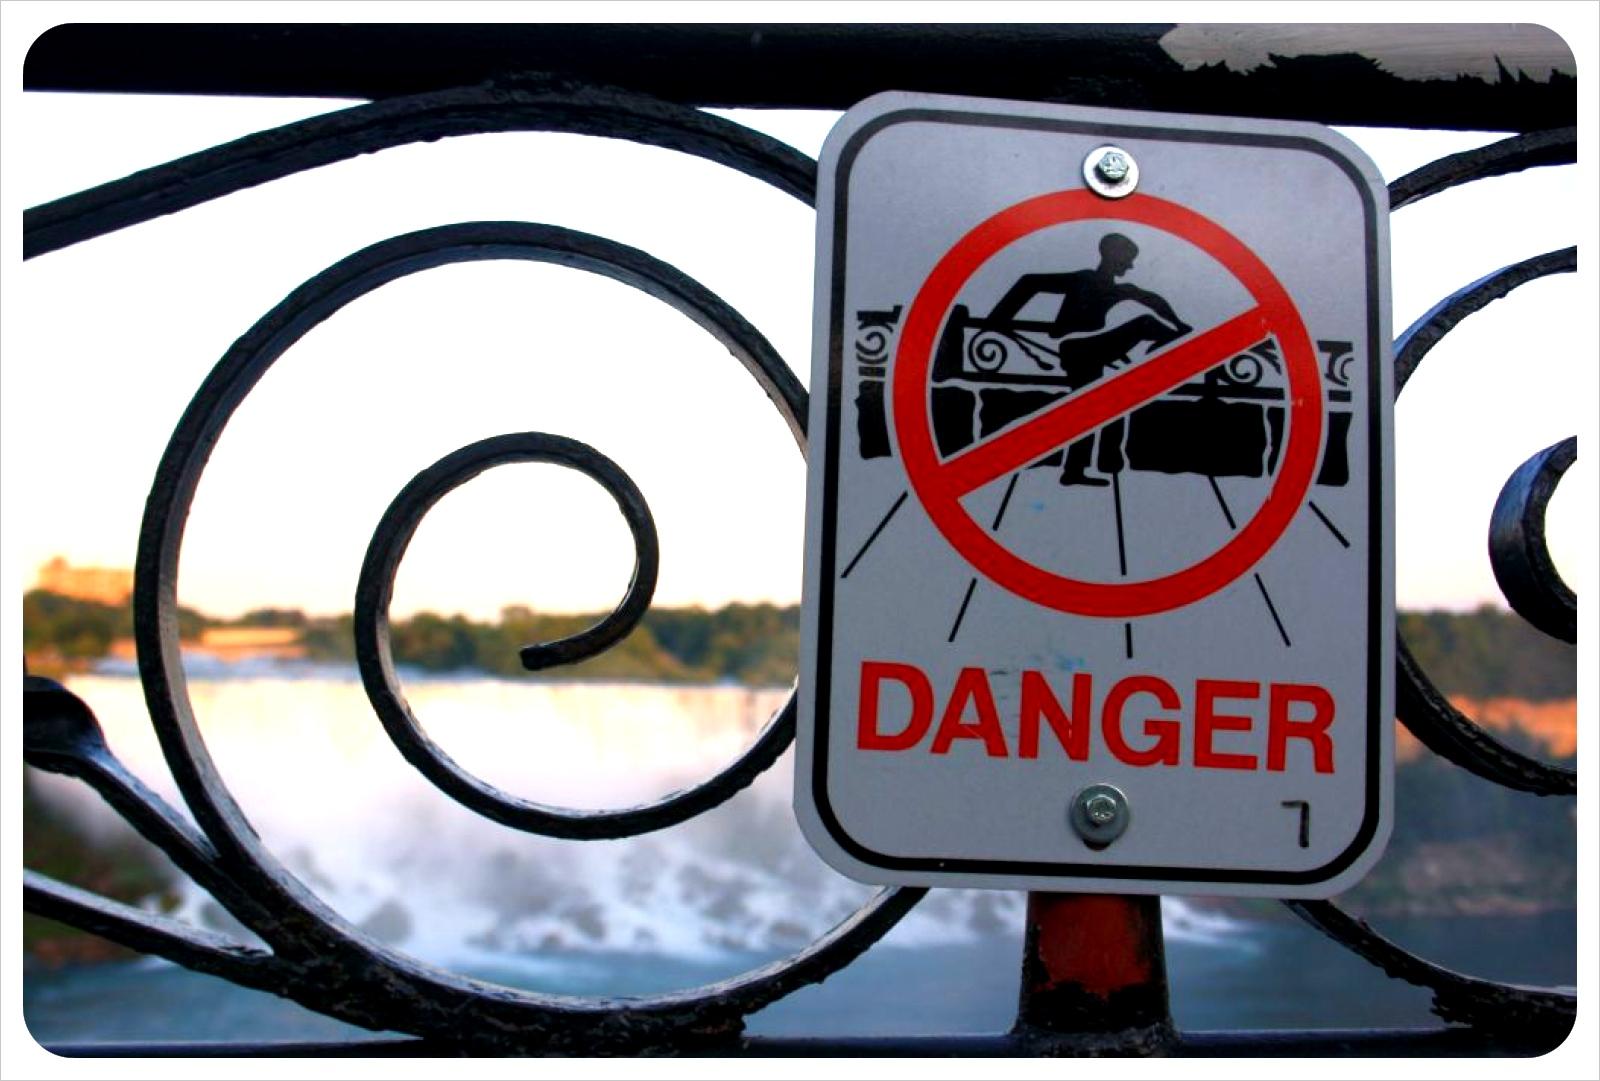 niagara falls warning sign